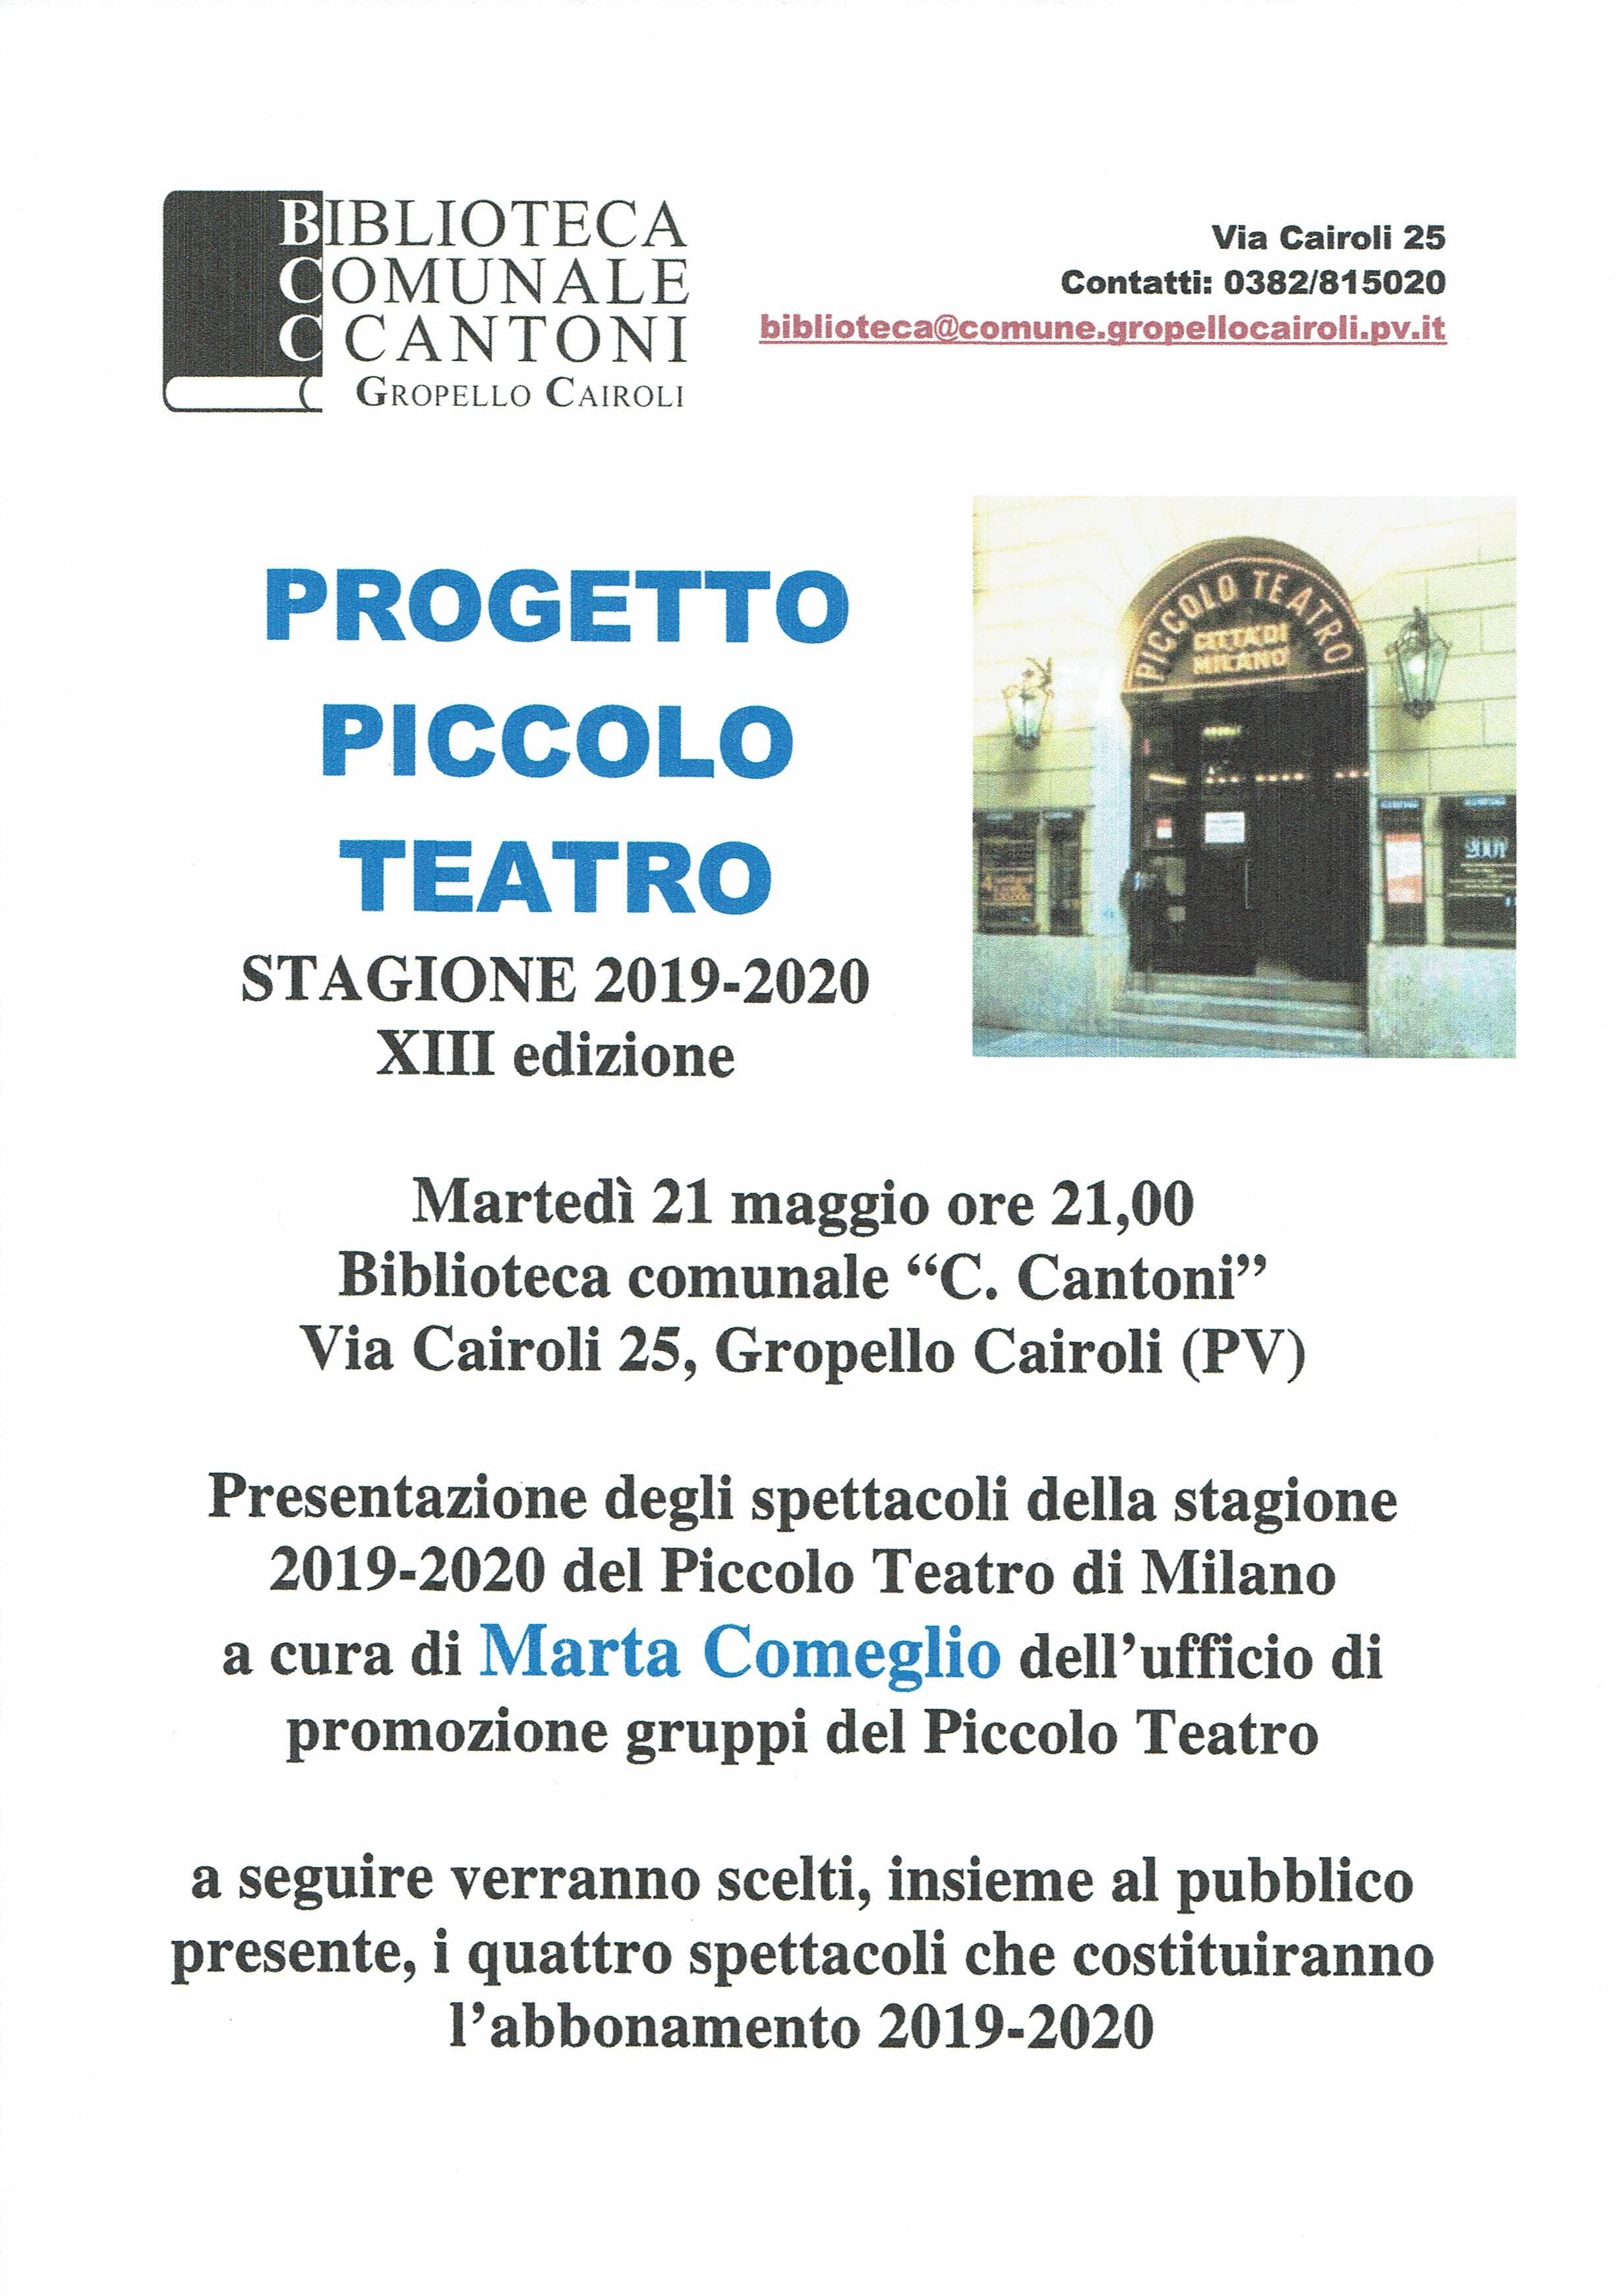 Incontro Per Gli Spettacoli 2019 2020 Del Piccolo Teatro Con Marta Comeglio